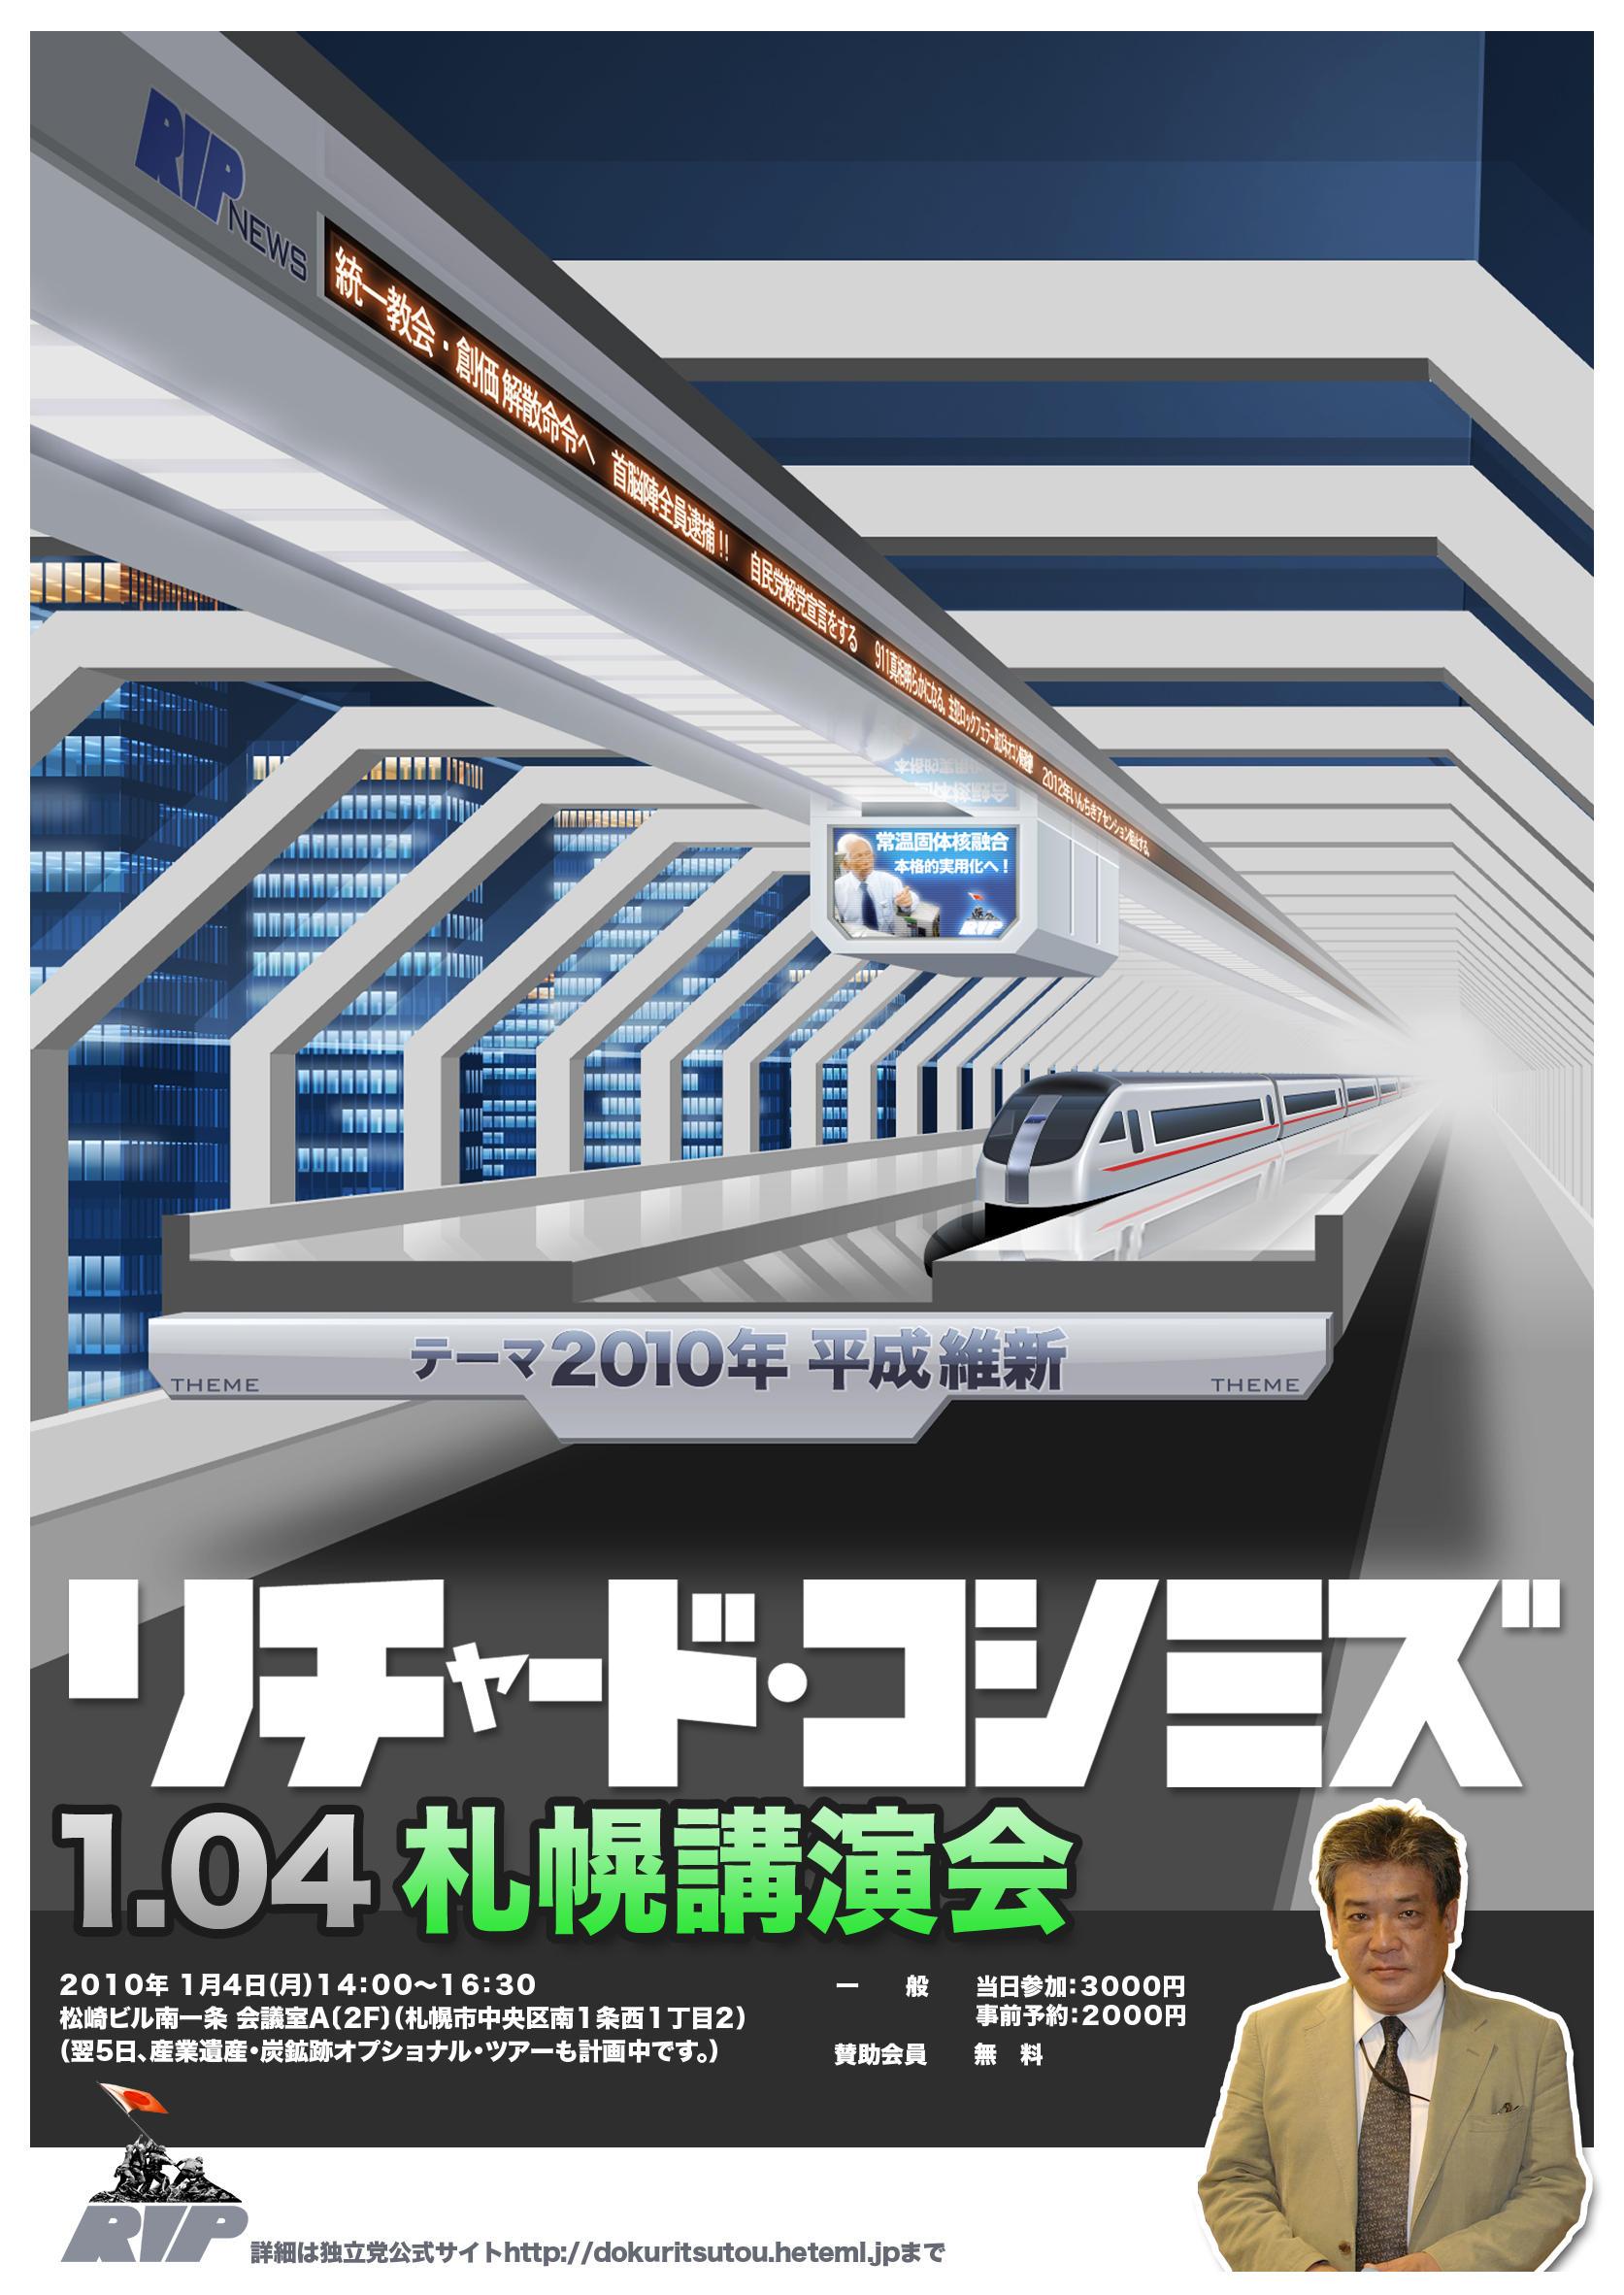 2010年1月4日札幌講演会「2010年平成維新」にご参加ください。